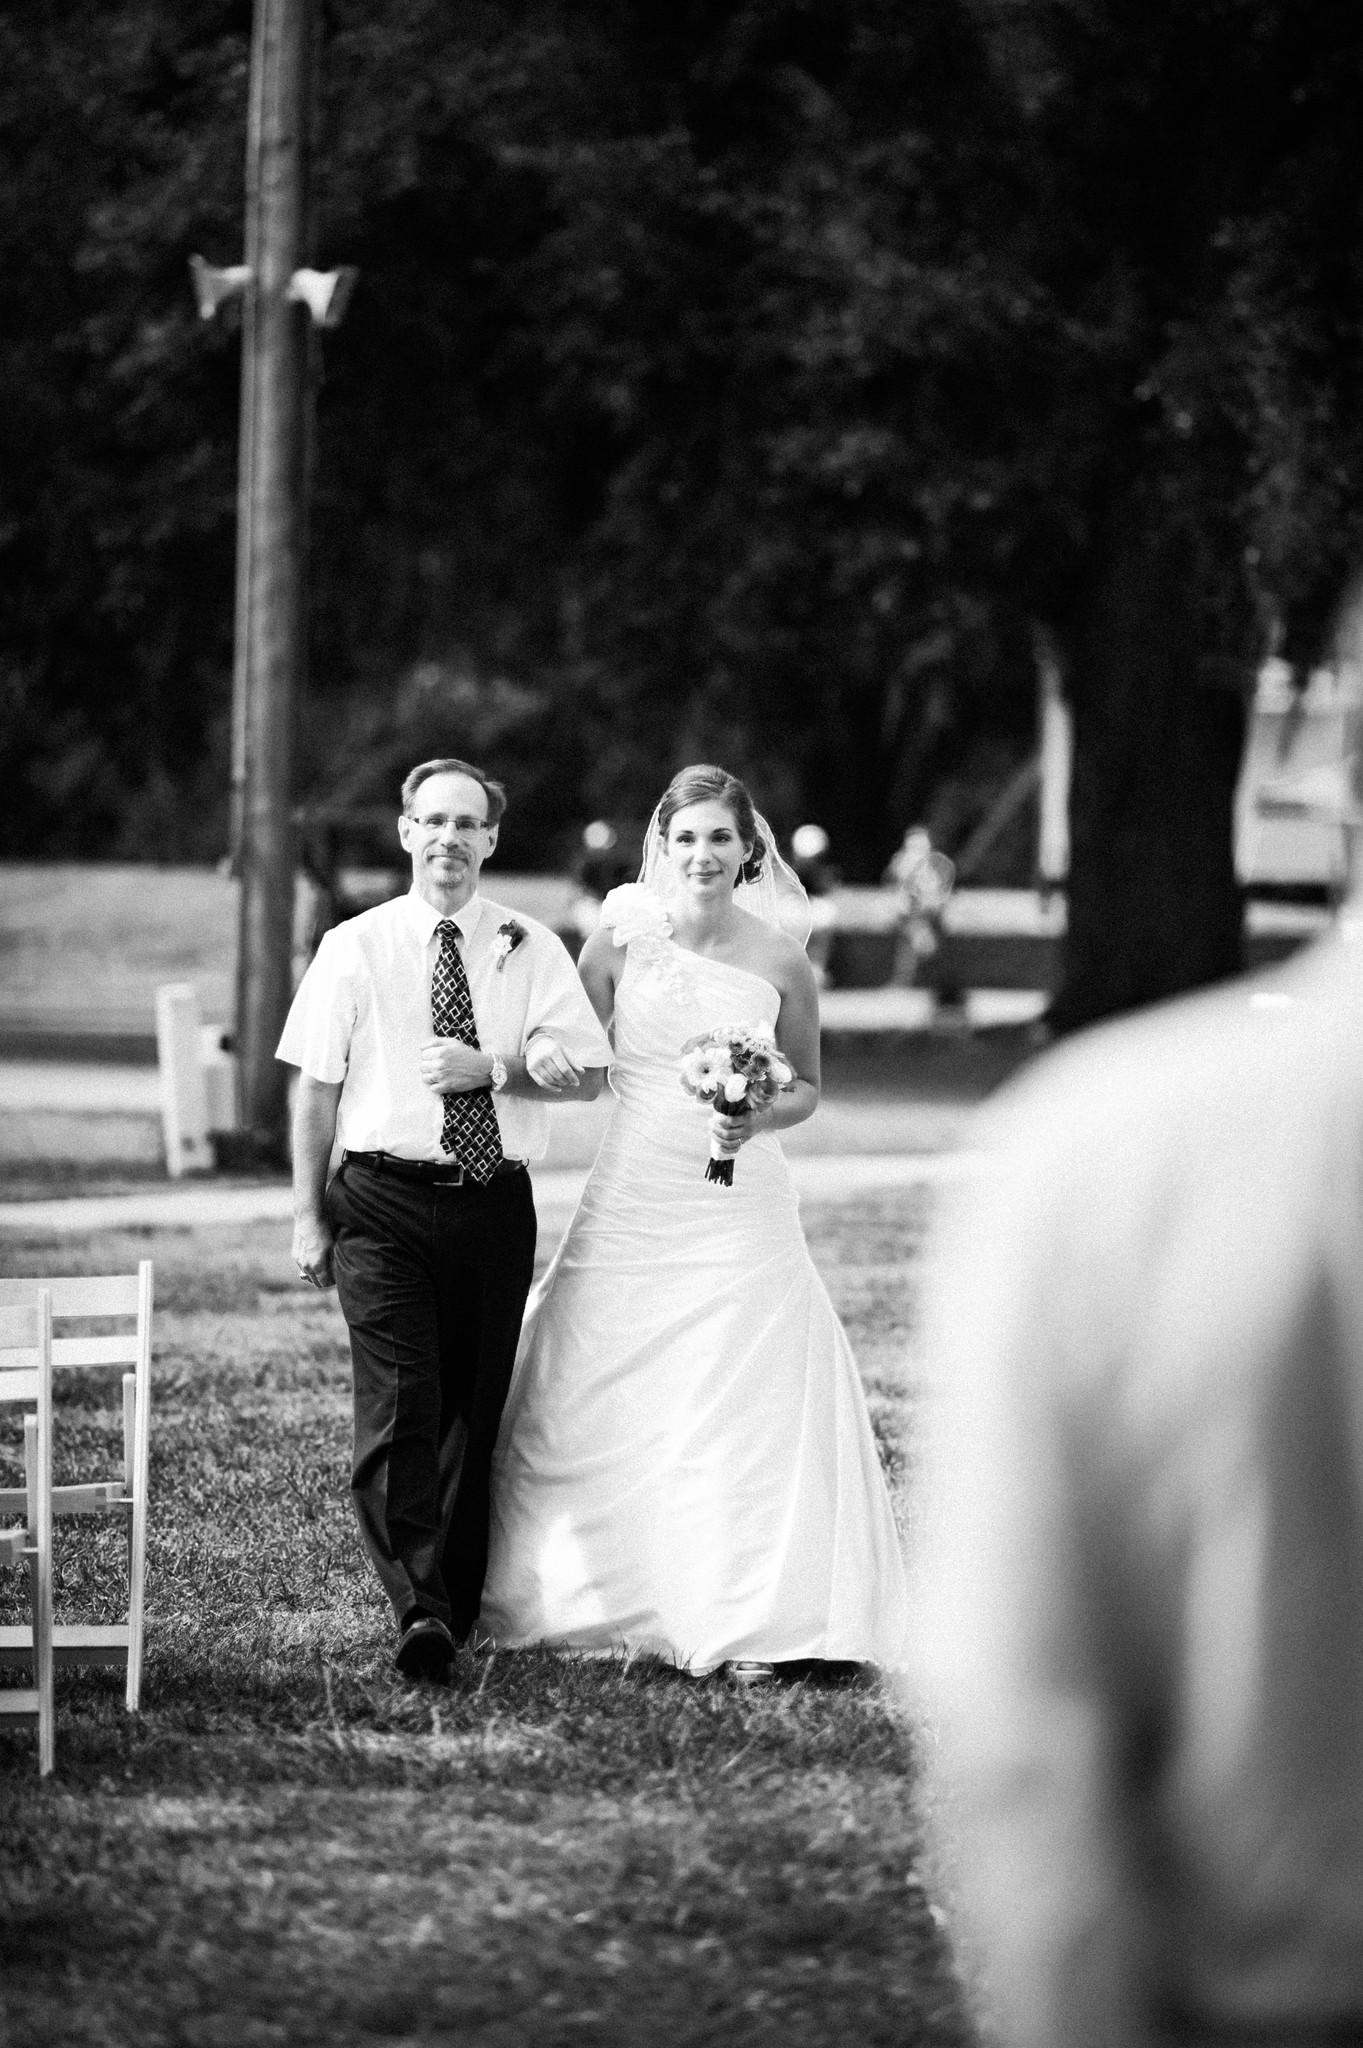 arthur-wedding-172-X4.jpg